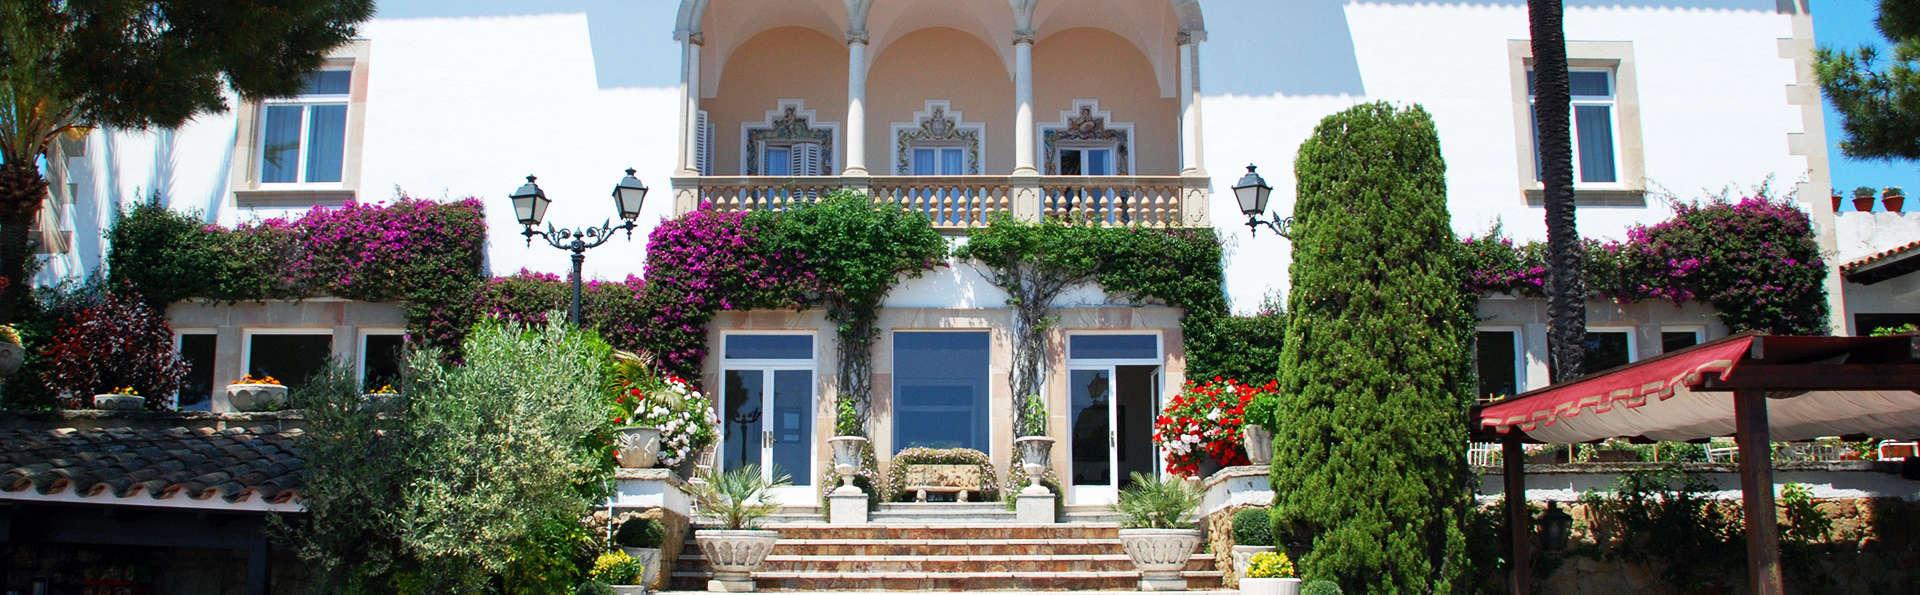 Hotel Roger de Flor Palace - EDIT_NEW_front.jpg